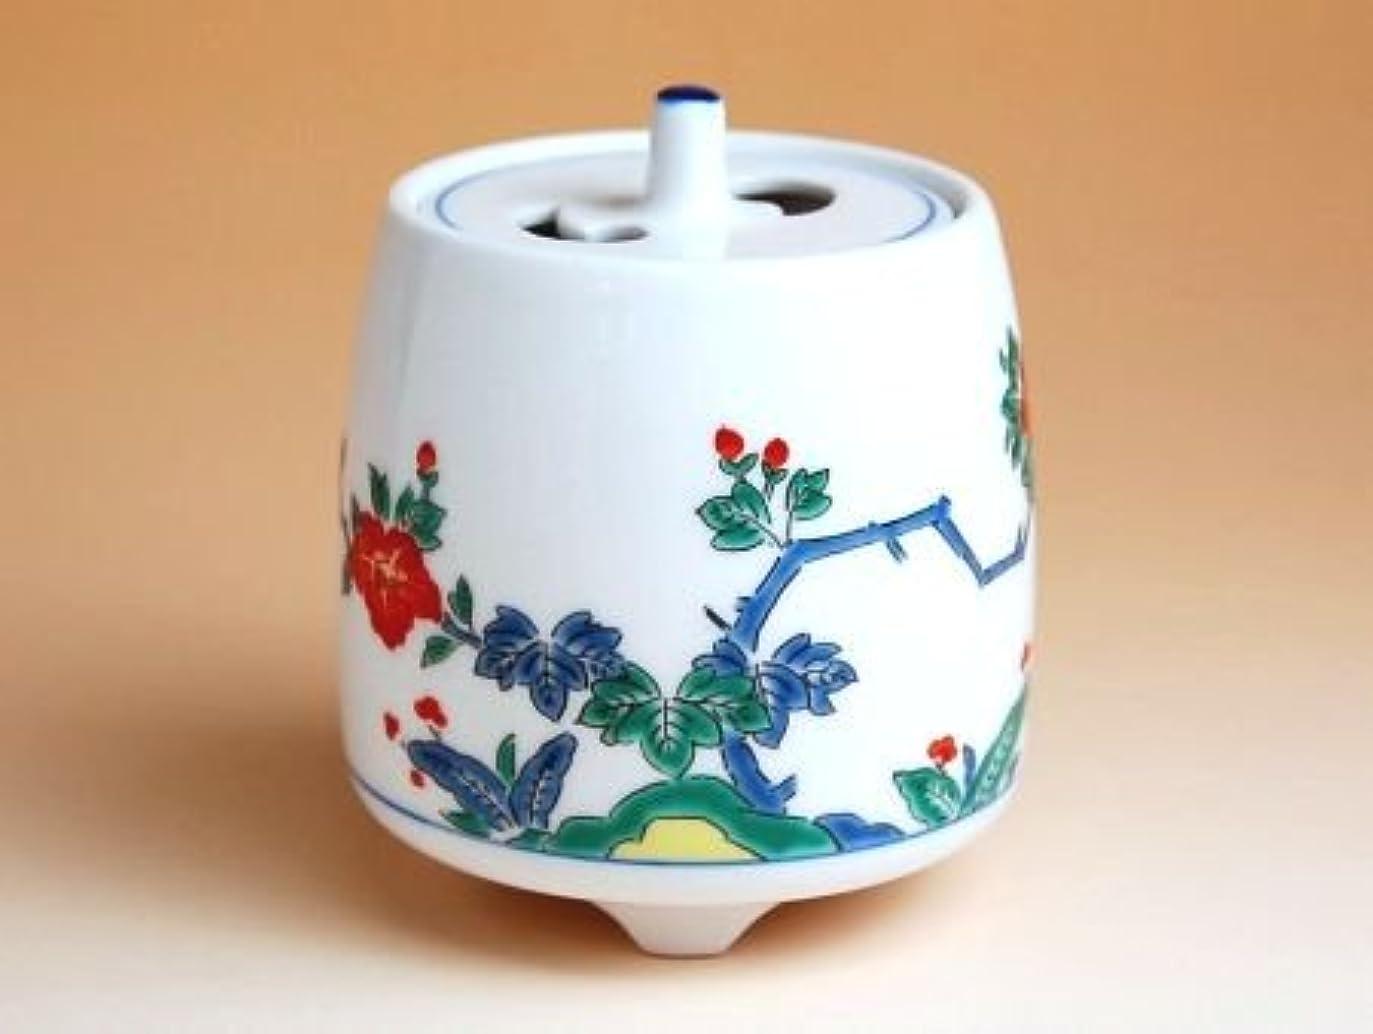 ニンニク初心者買う有田焼 牡丹 ミニ香炉(木箱付)【サイズ】高さ8cm